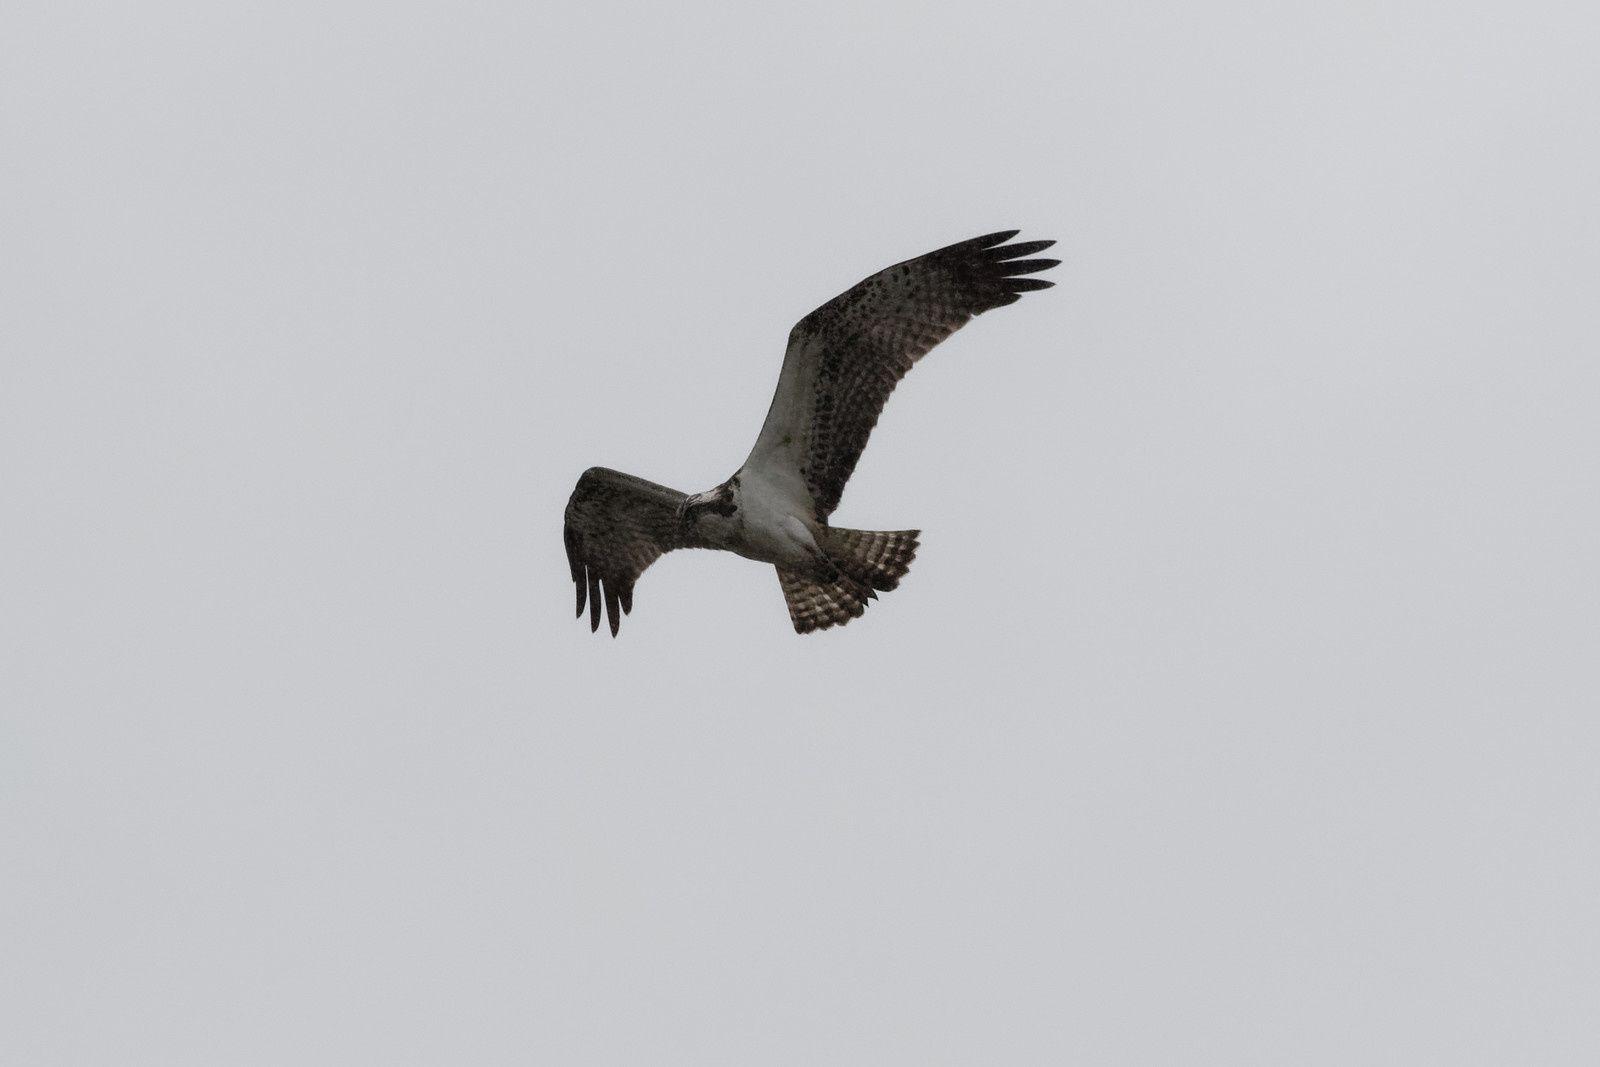 475 - Beau temps ou pluie, le Balbuzard répond présent tant qu'il y a du Poisson : 22/09/2019